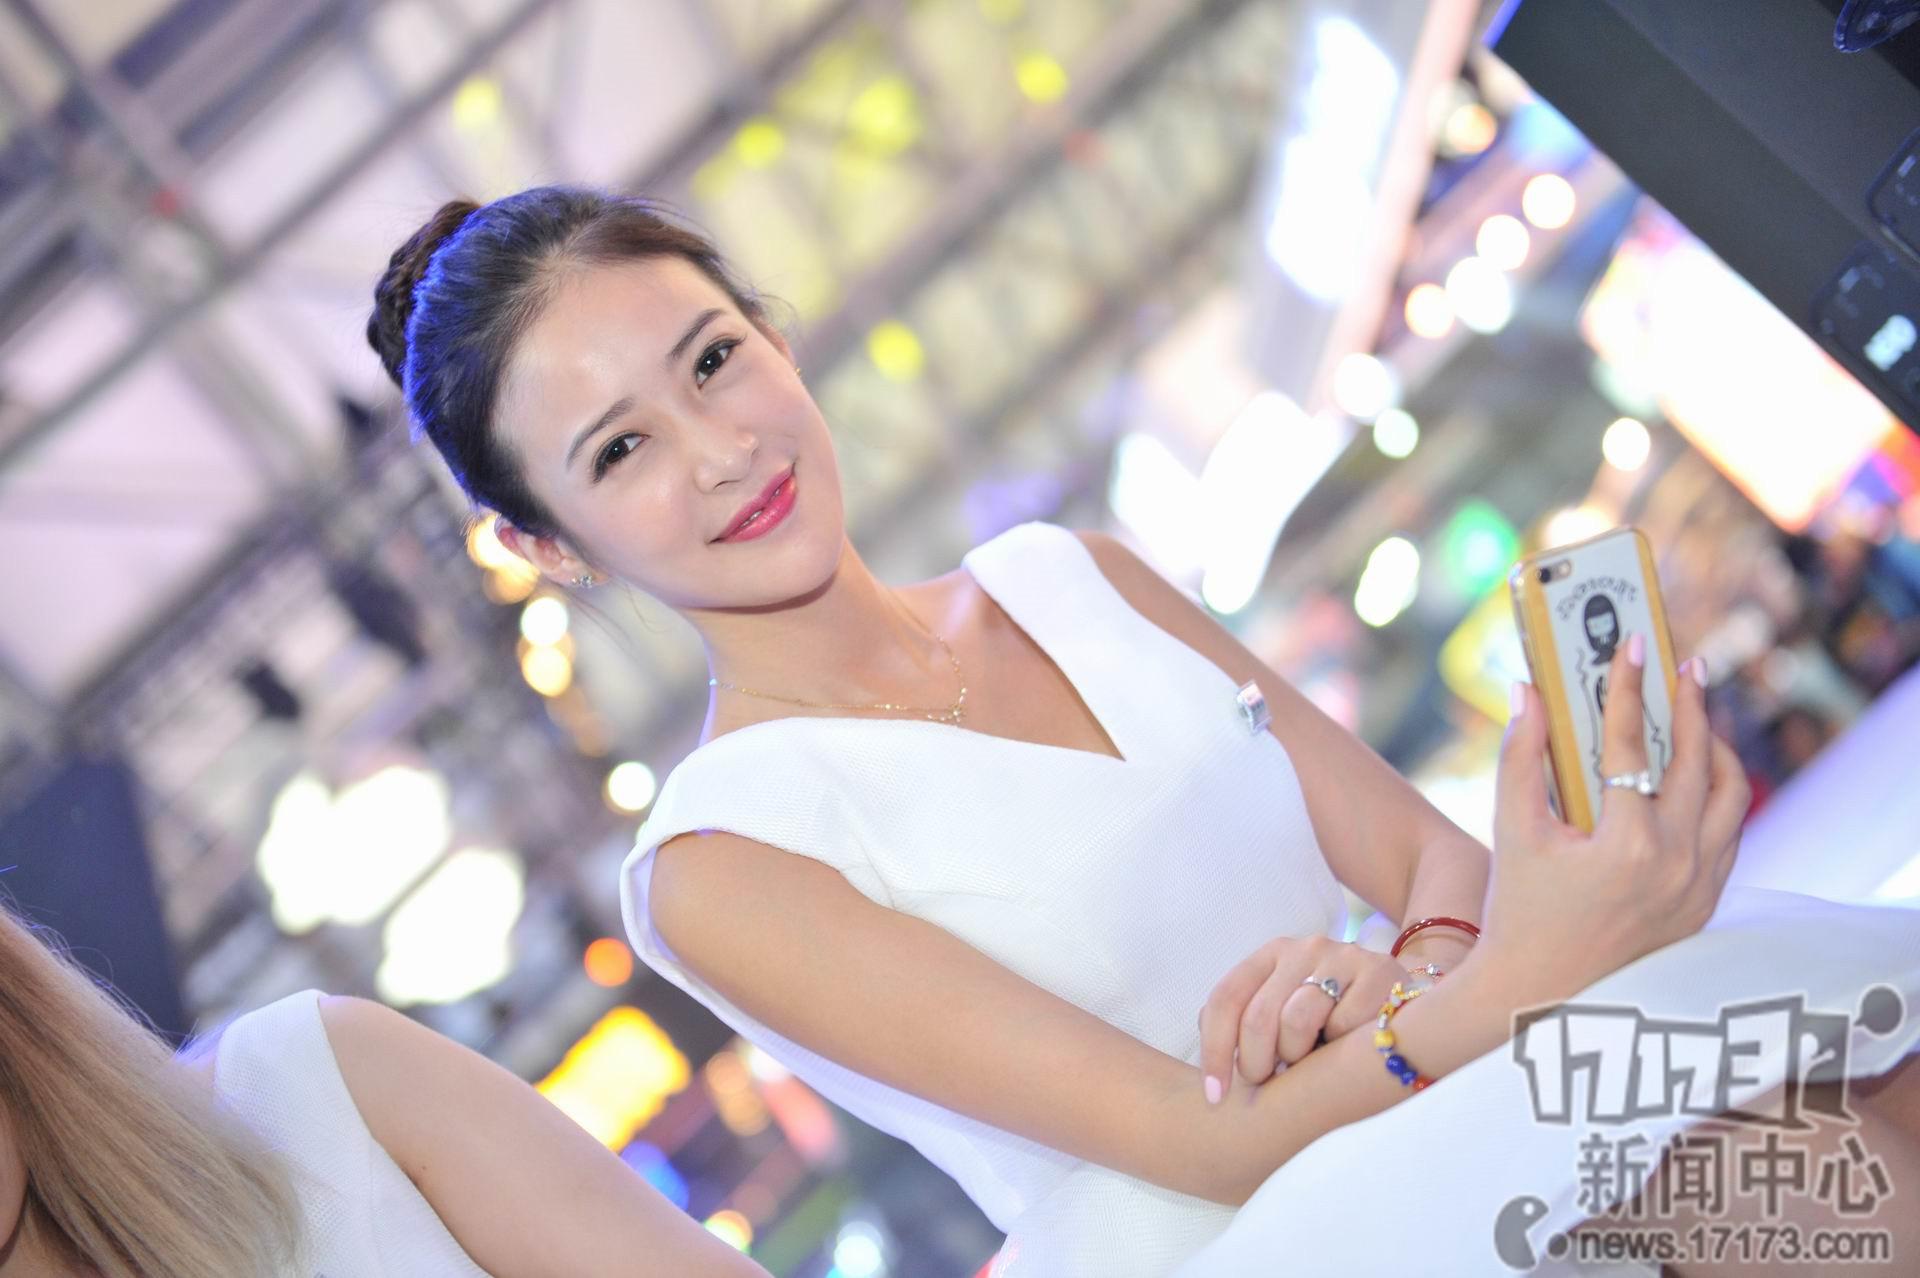 Chiêm ngưỡng loạt showgirl cực quyến rũ tại ChinaJoy 2016 - Ảnh _42